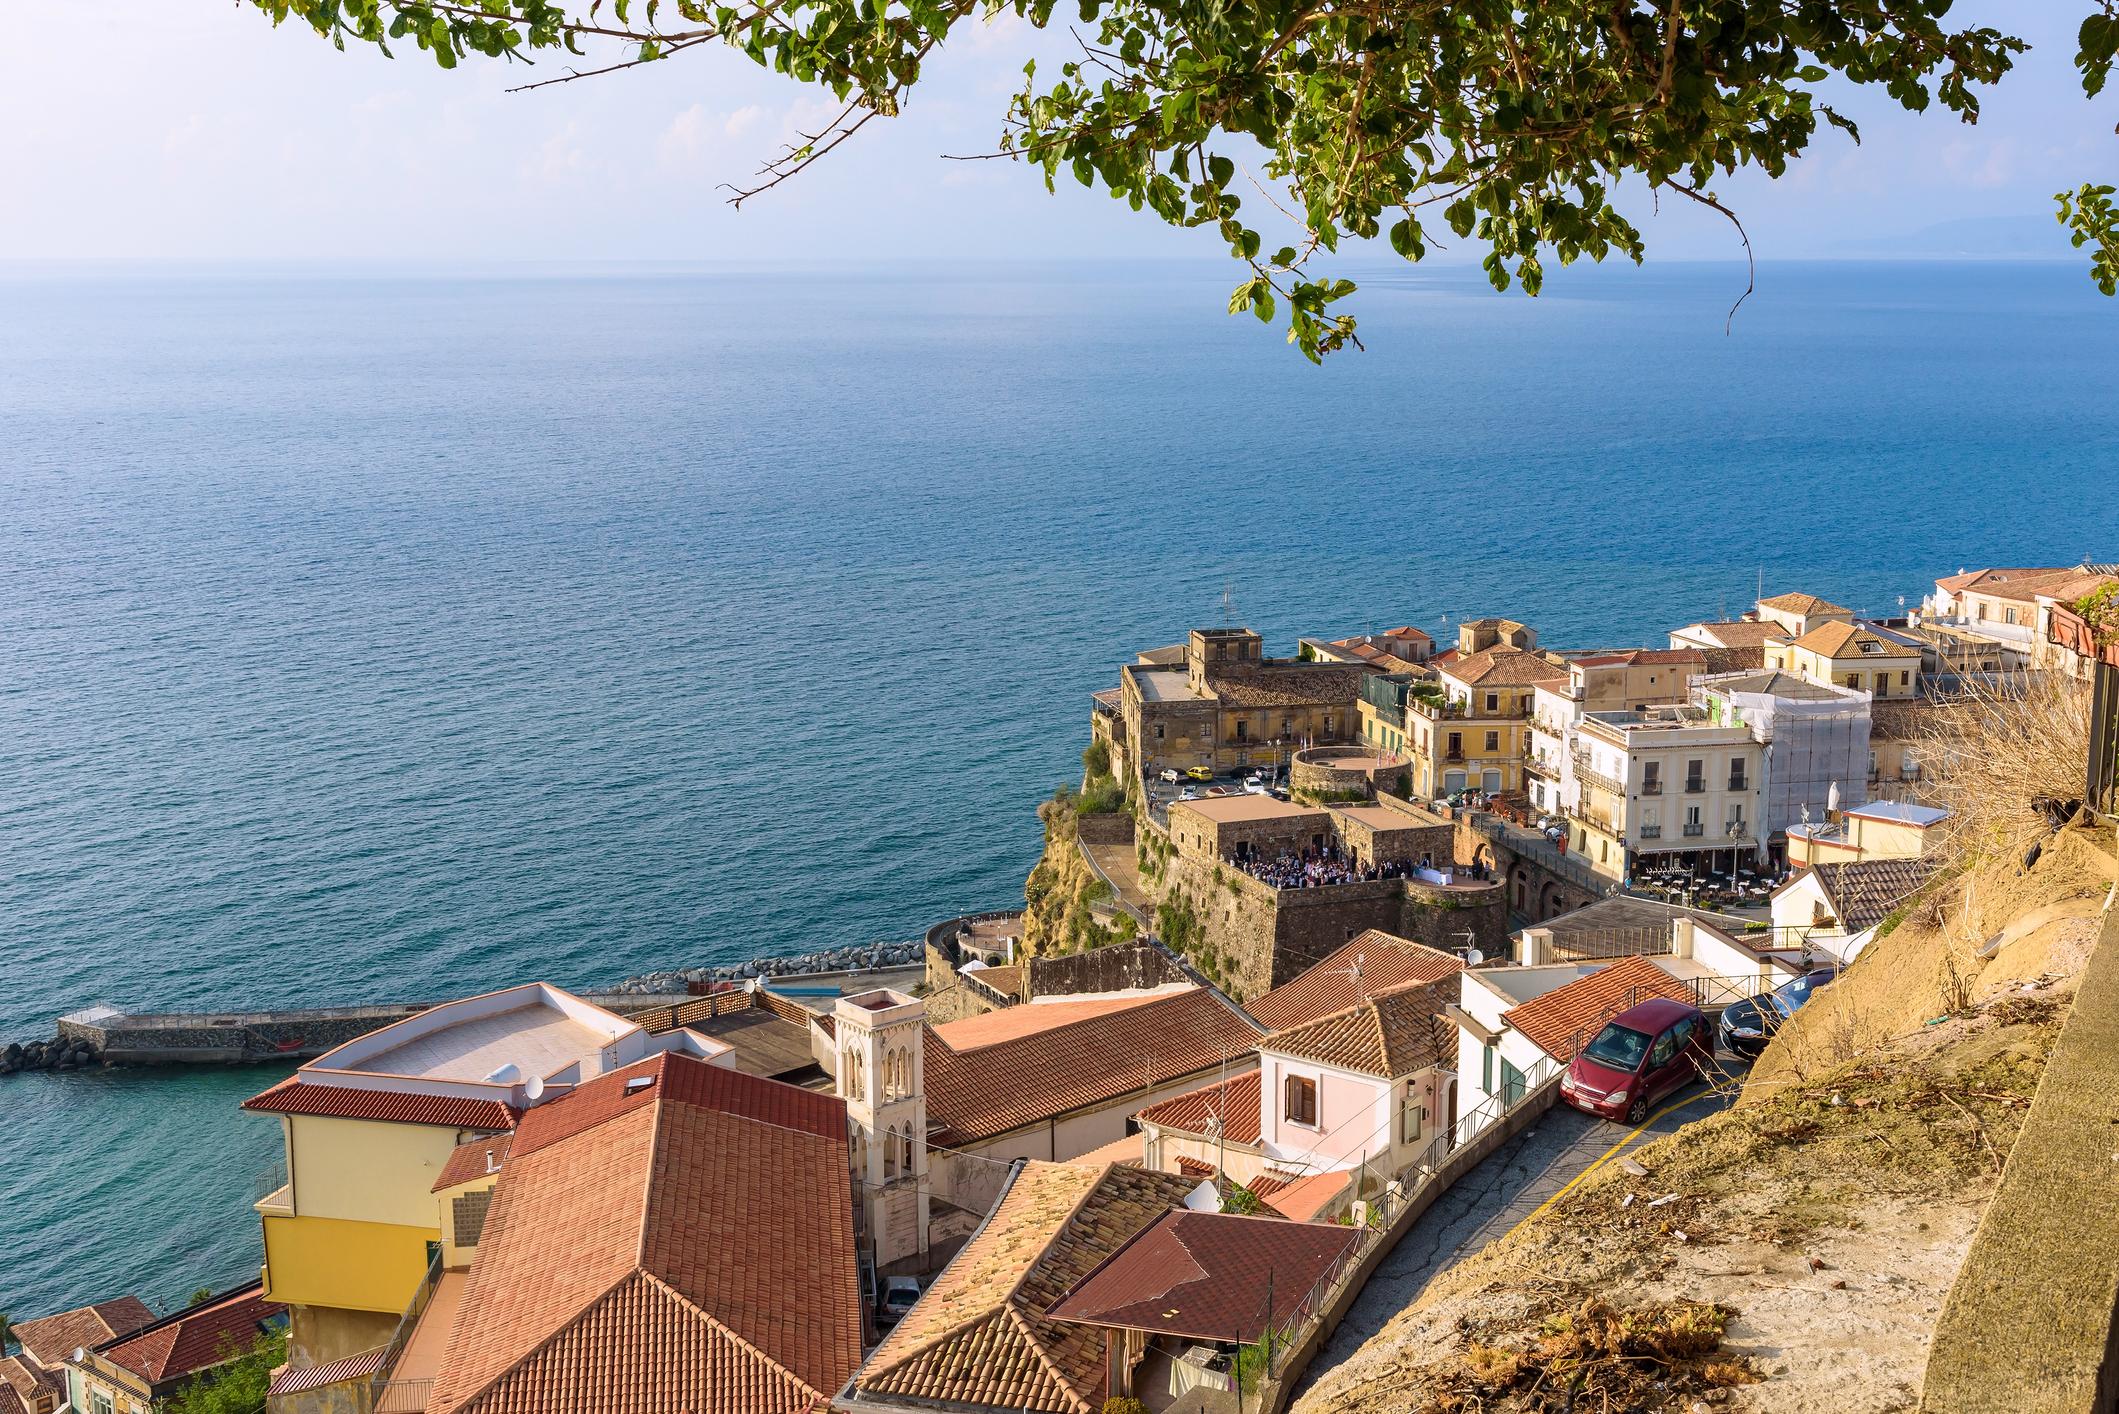 Италия пеша: Екопътека от Тиренско до Йонийско море